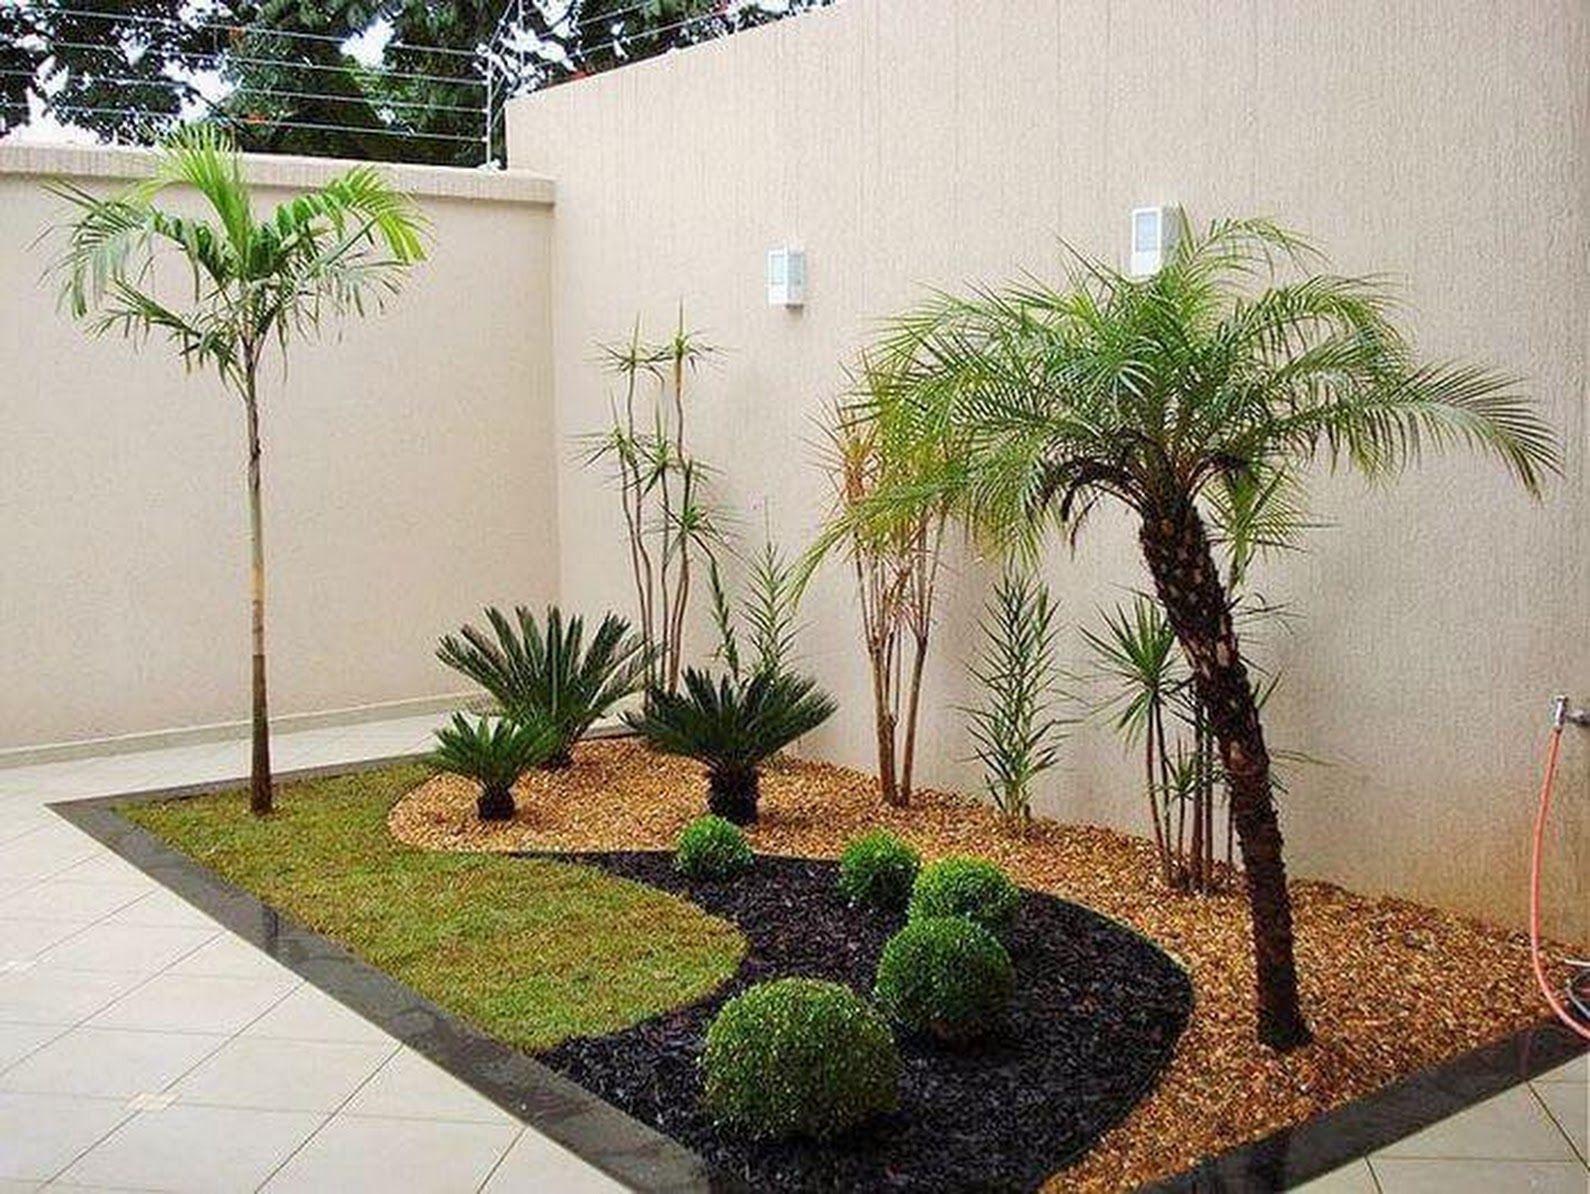 Diseño para jardines interiores y exteriores